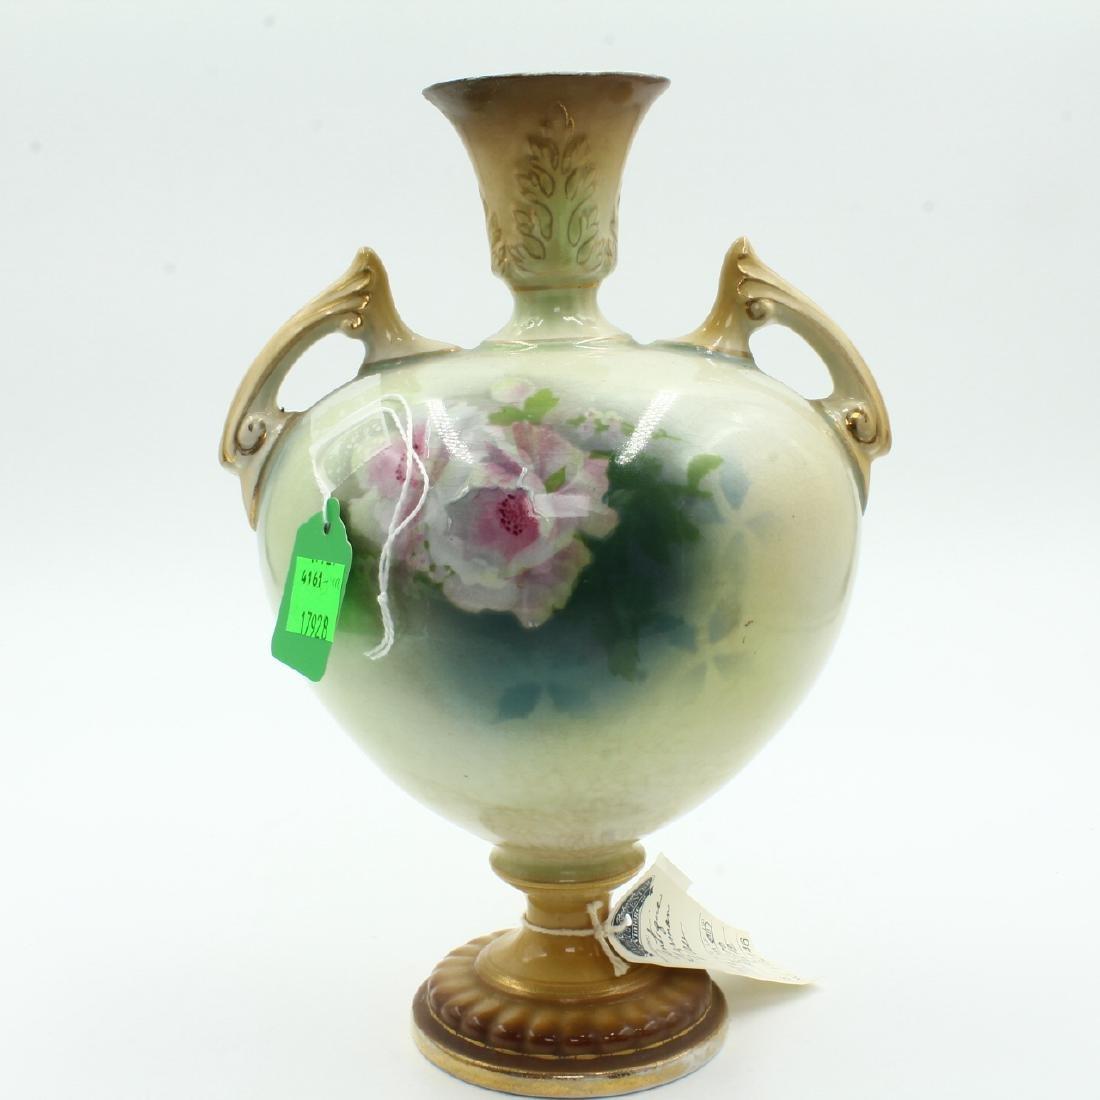 Porcelain Handpainted Urn or Vase